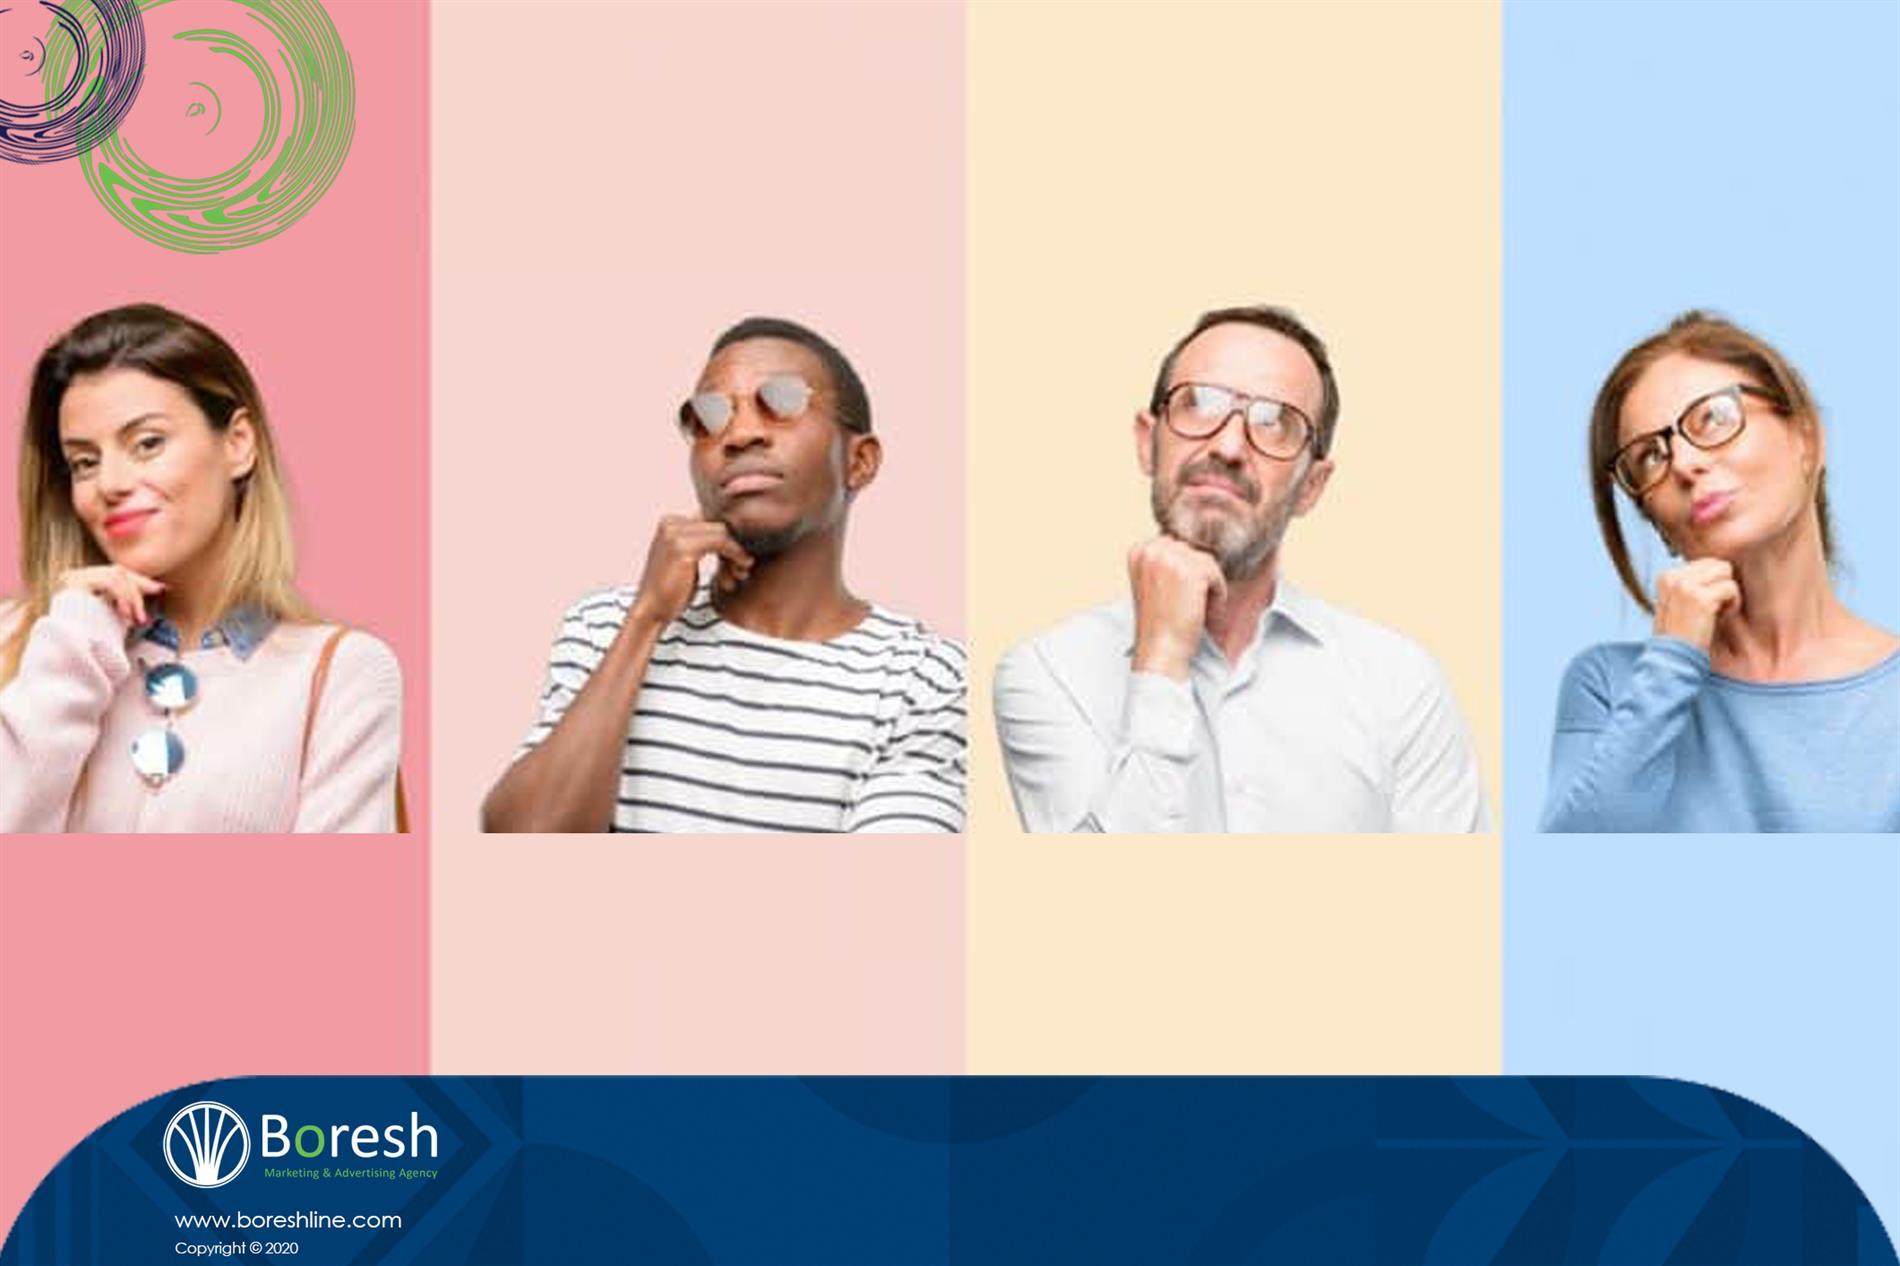 درباره فاز آگاهی برند (Brand Awareness) چه می دانید؟ - گروه برندسازی، تبلیغات،بازاریابی و توسعه کسب و کار برش